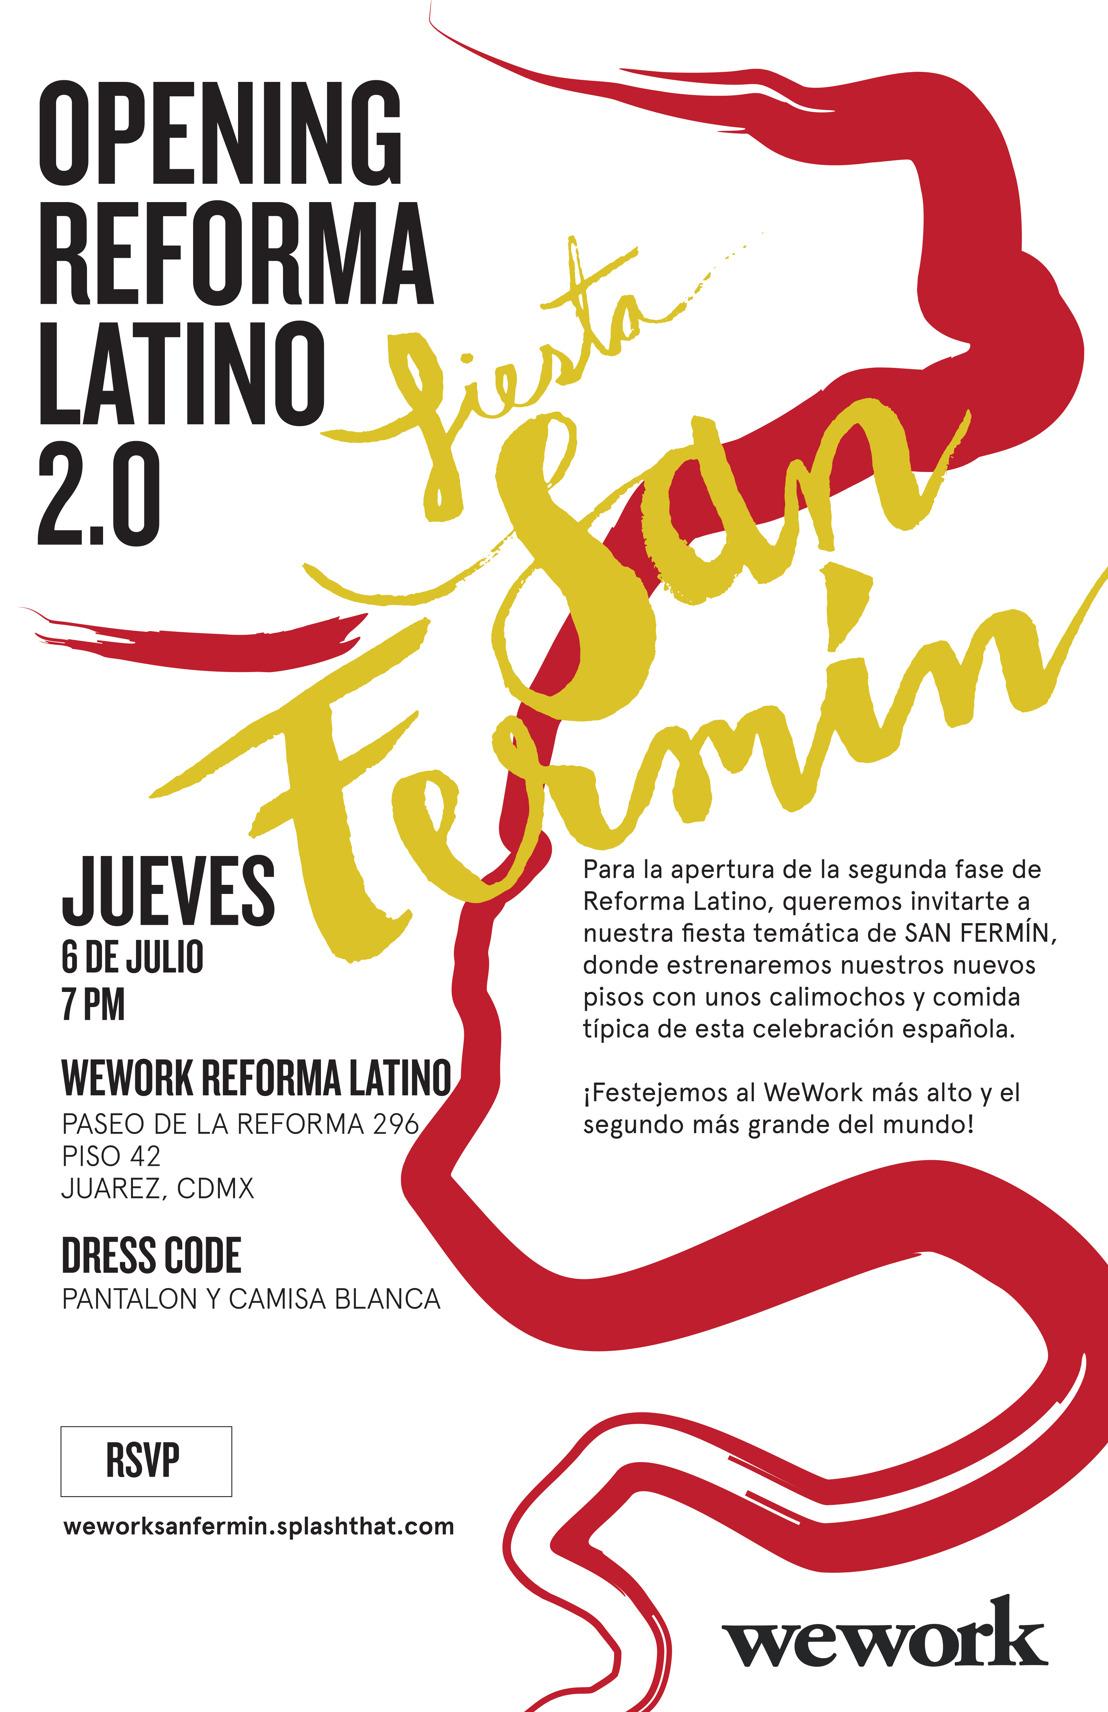 WeWork festeja los Sanfermines y Reforma Latino 2.0